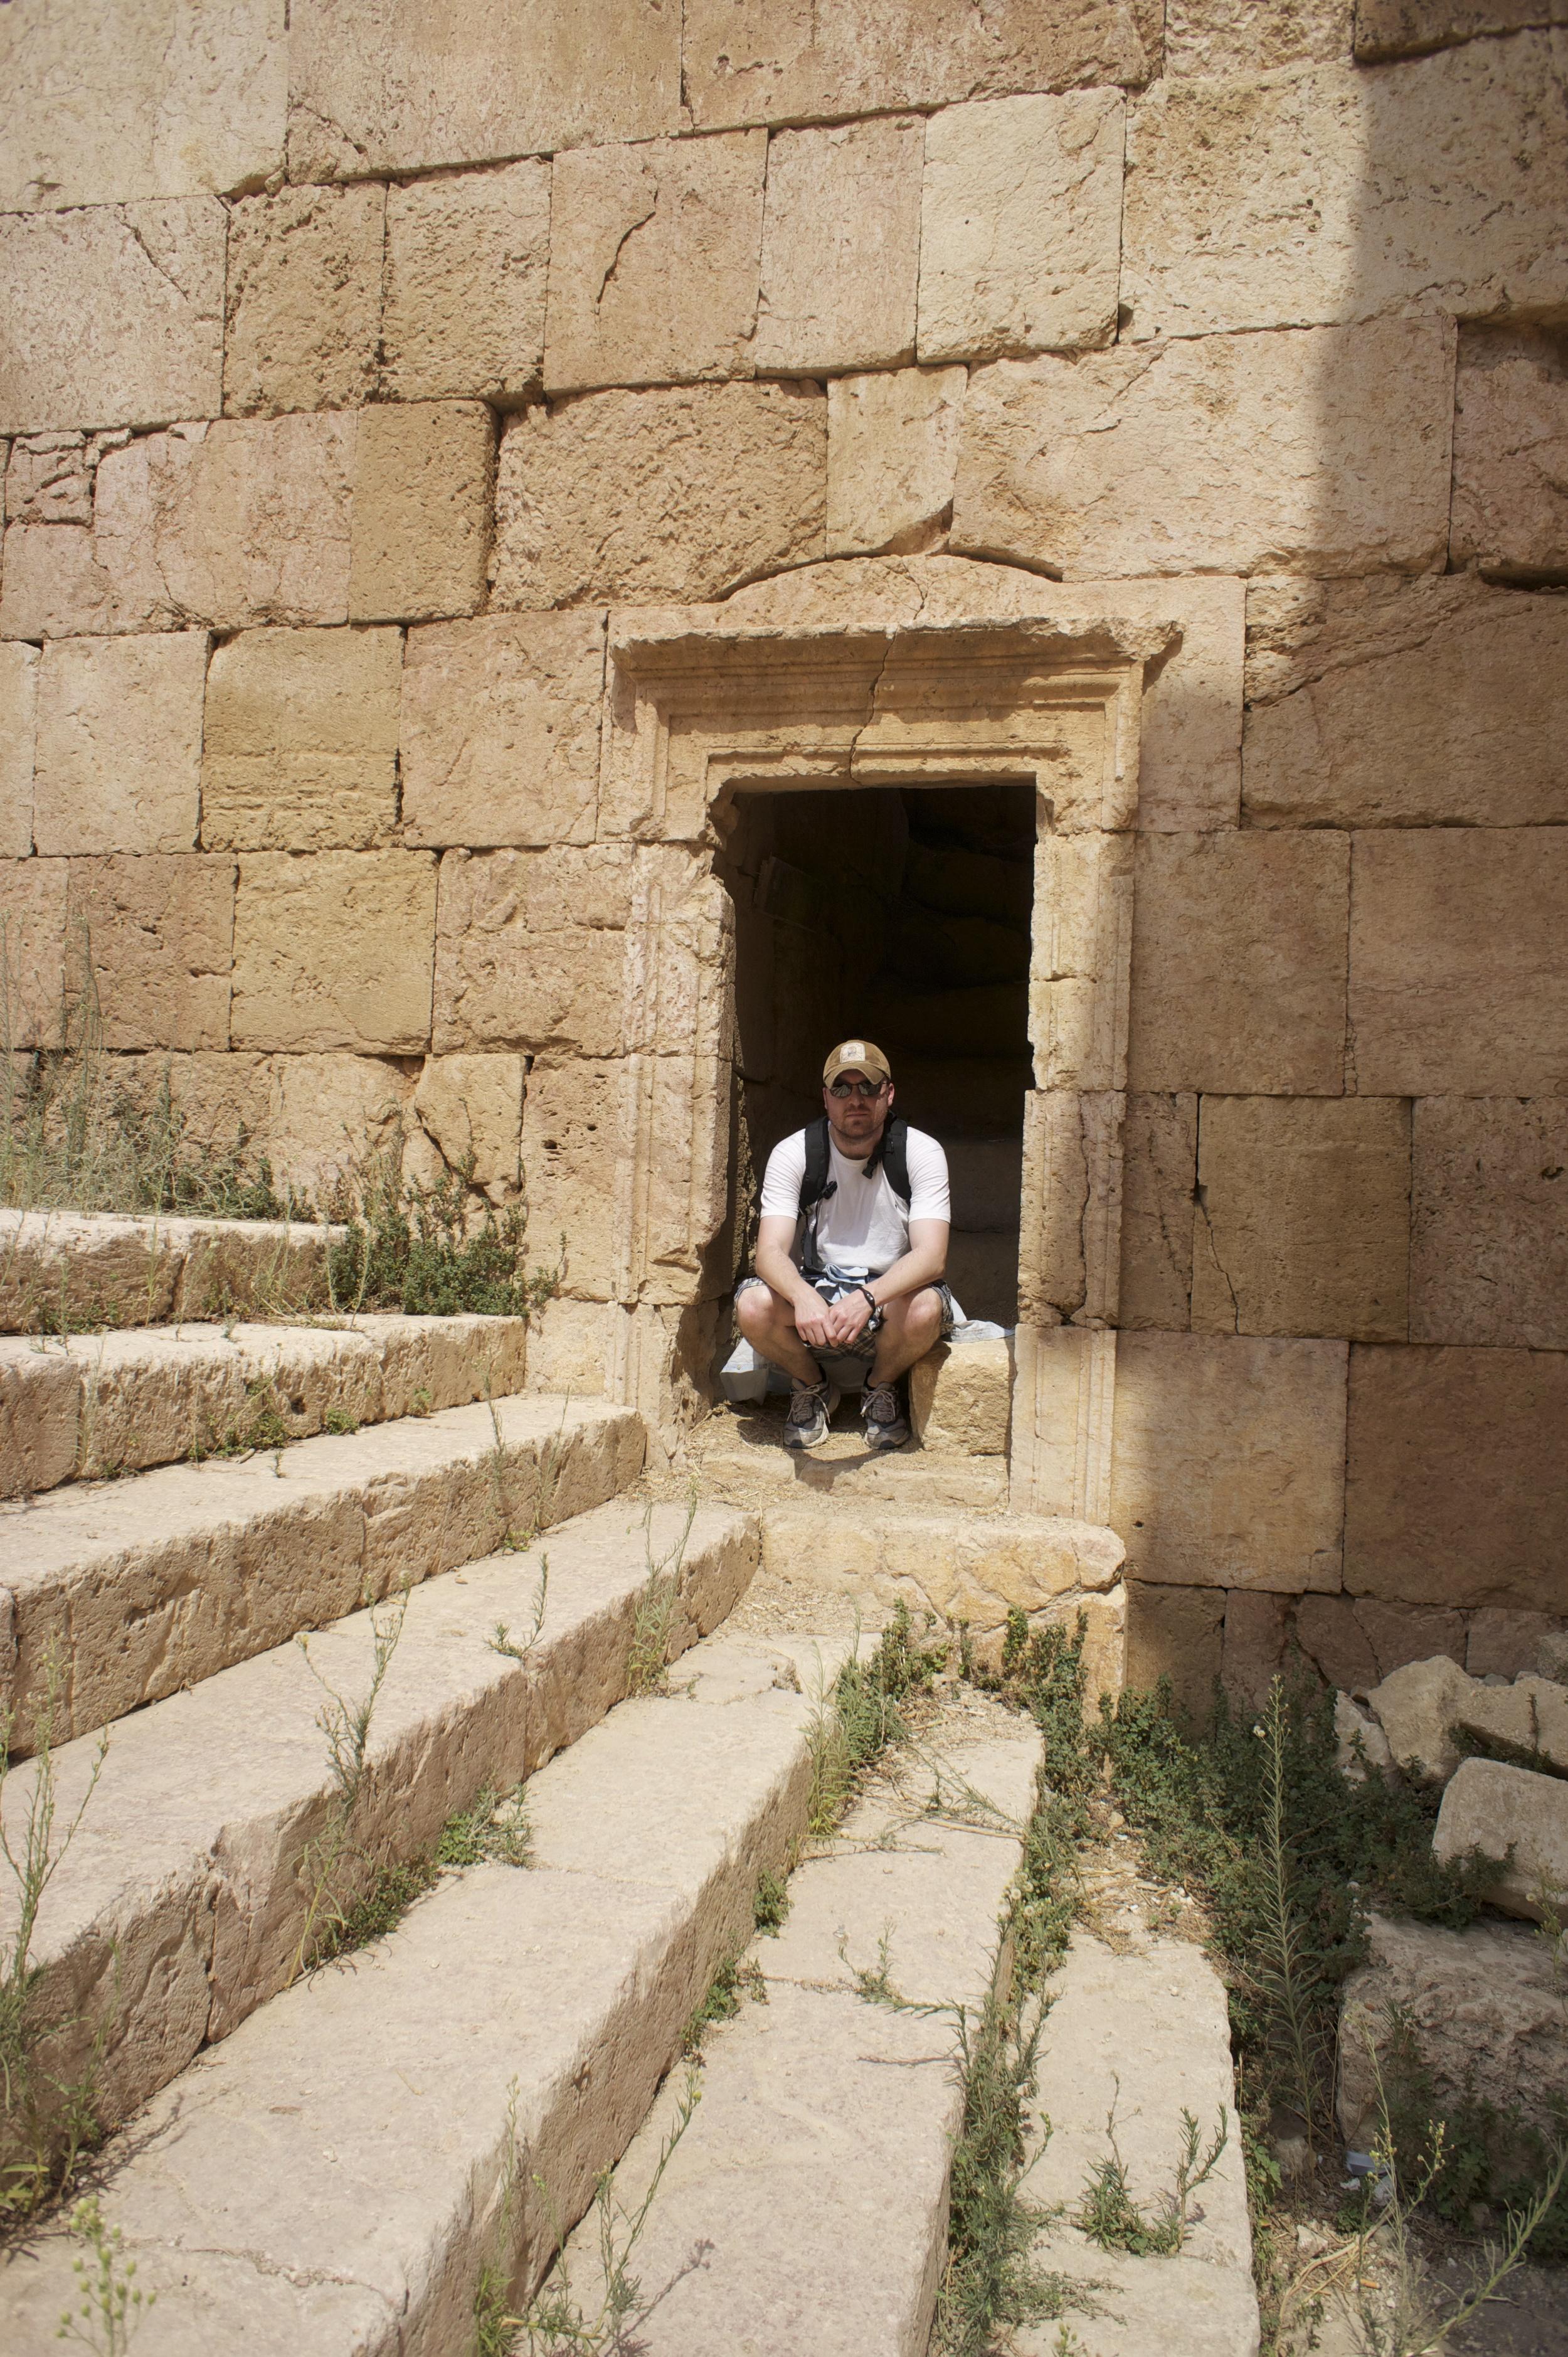 Taking a Rest in Jordan